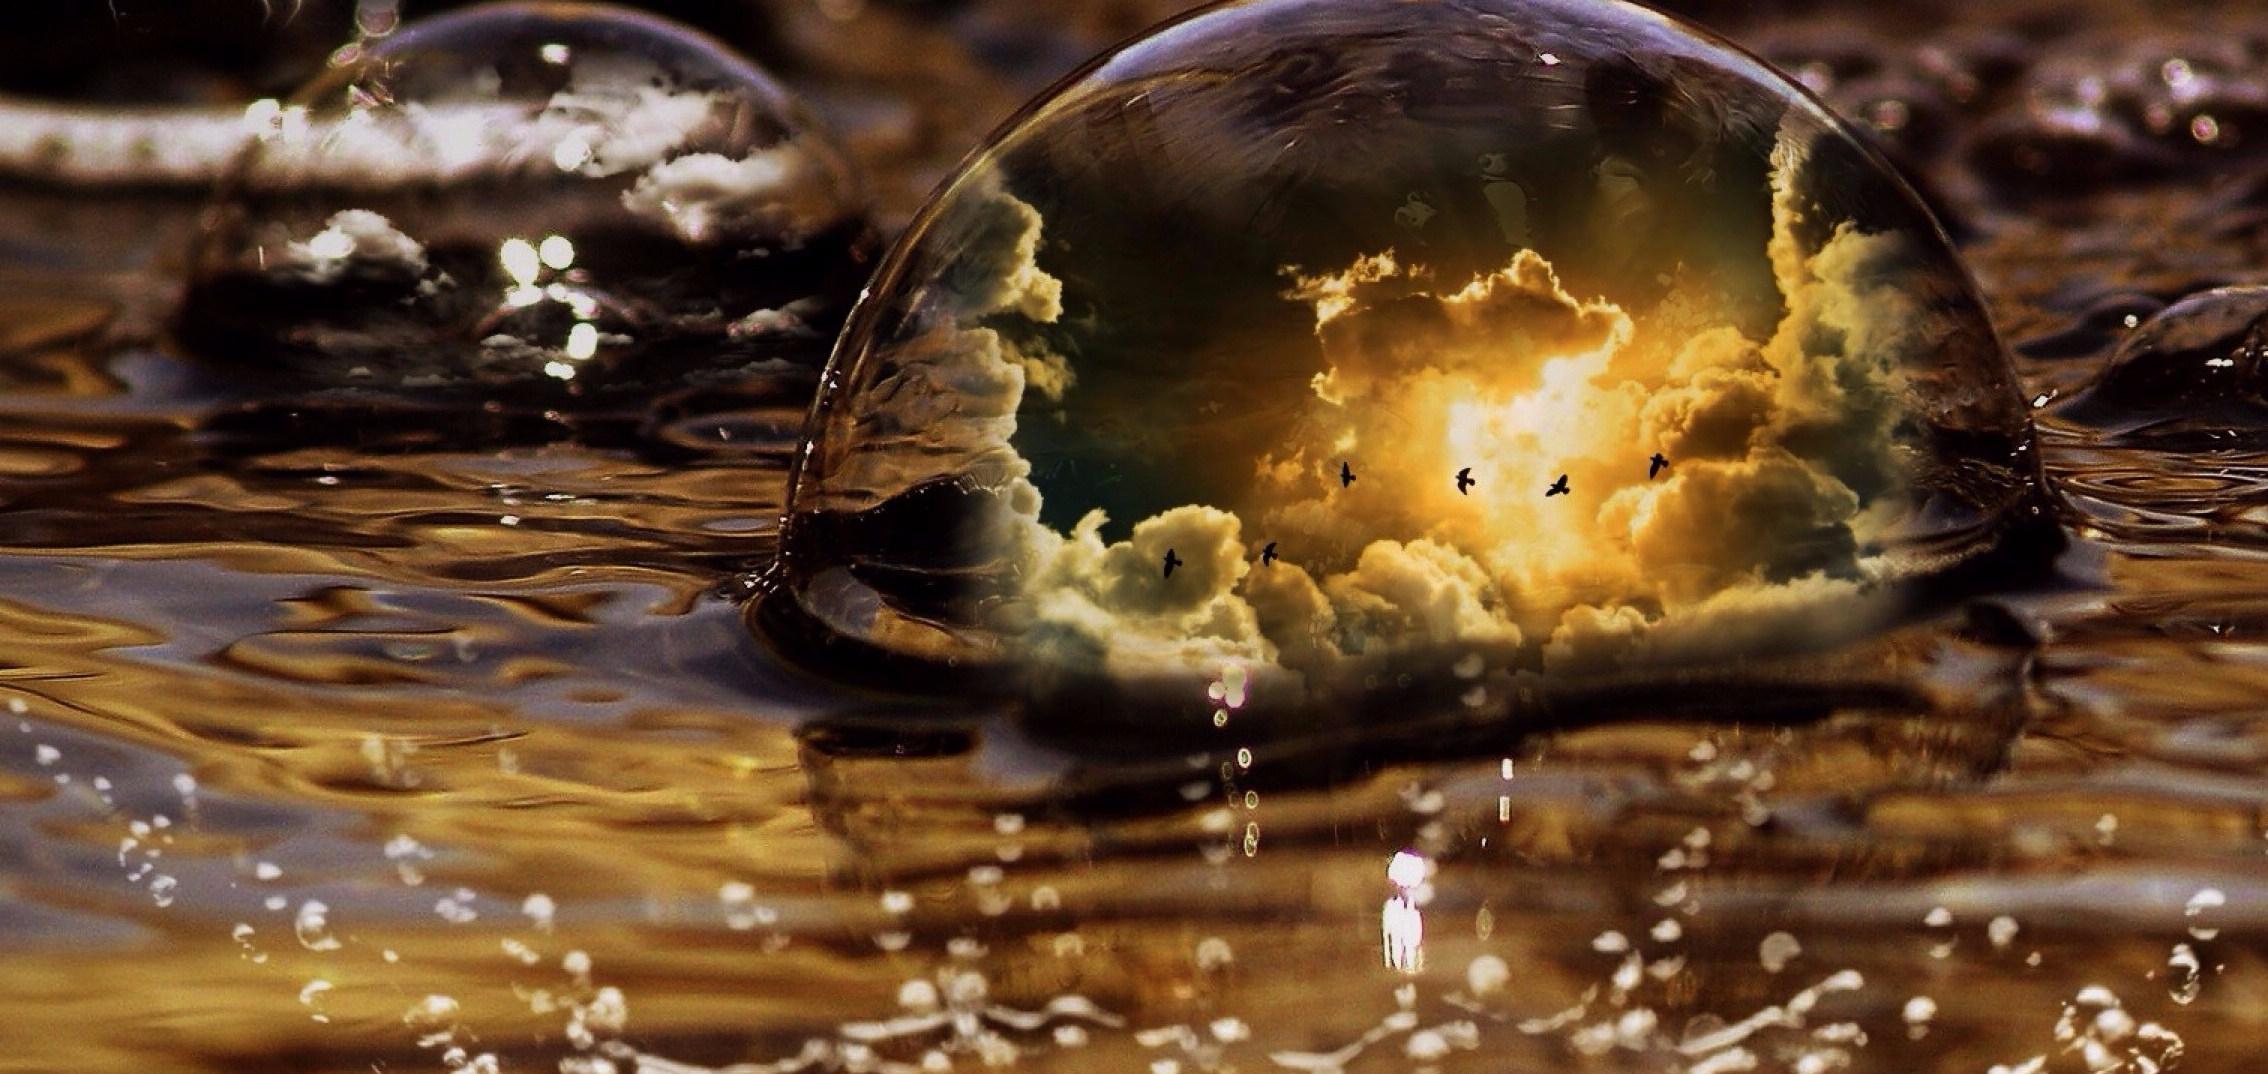 water-464953 bulle oiseau soleil or